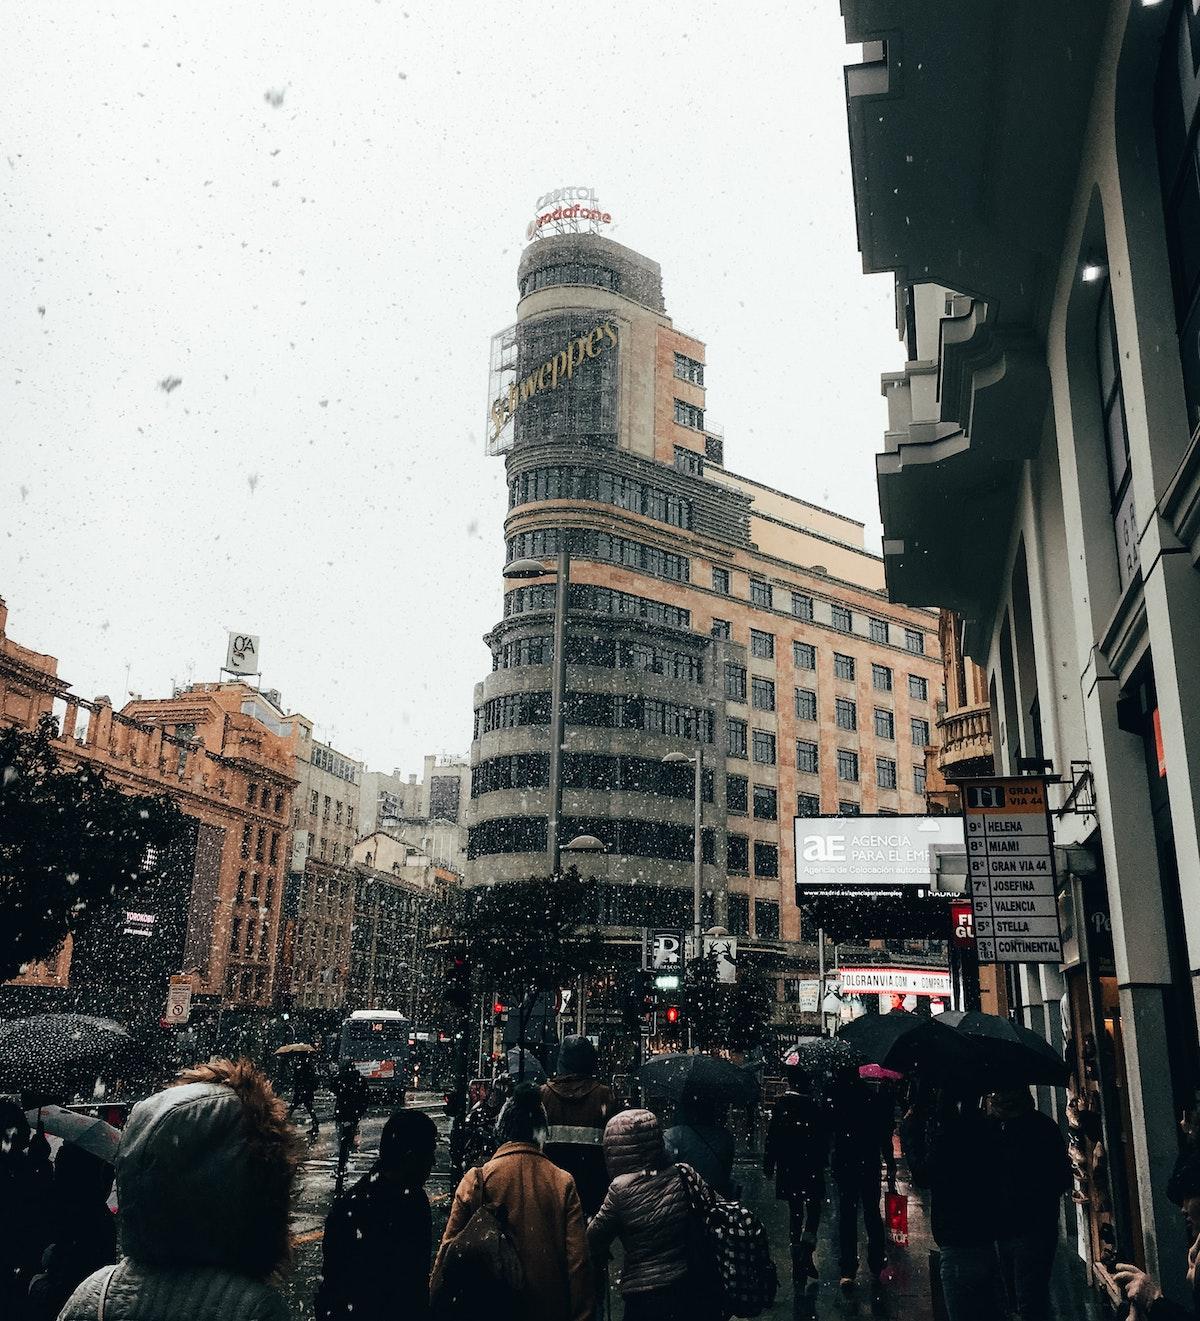 Gente caminando con sombrillas en una concurrida calle de la ciudad en un día lluvioso en Madrid.